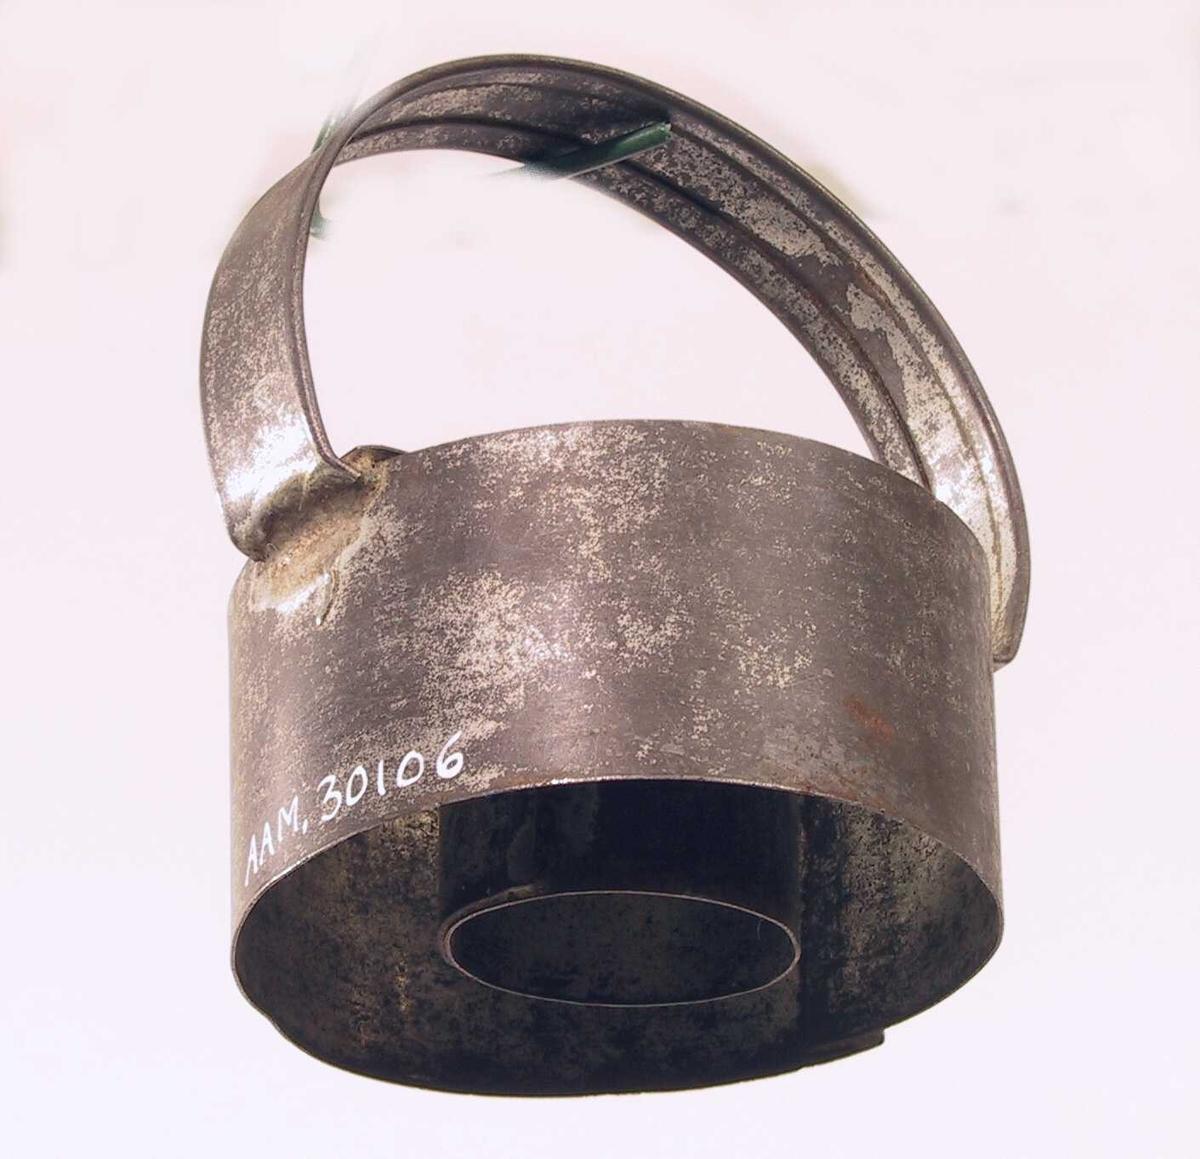 Liten sylinder av tynn jernplate med en større utenfor, festet sammen med et bånd av jern på tvers over begge og et håndtak festet ved hver ende av båndet.